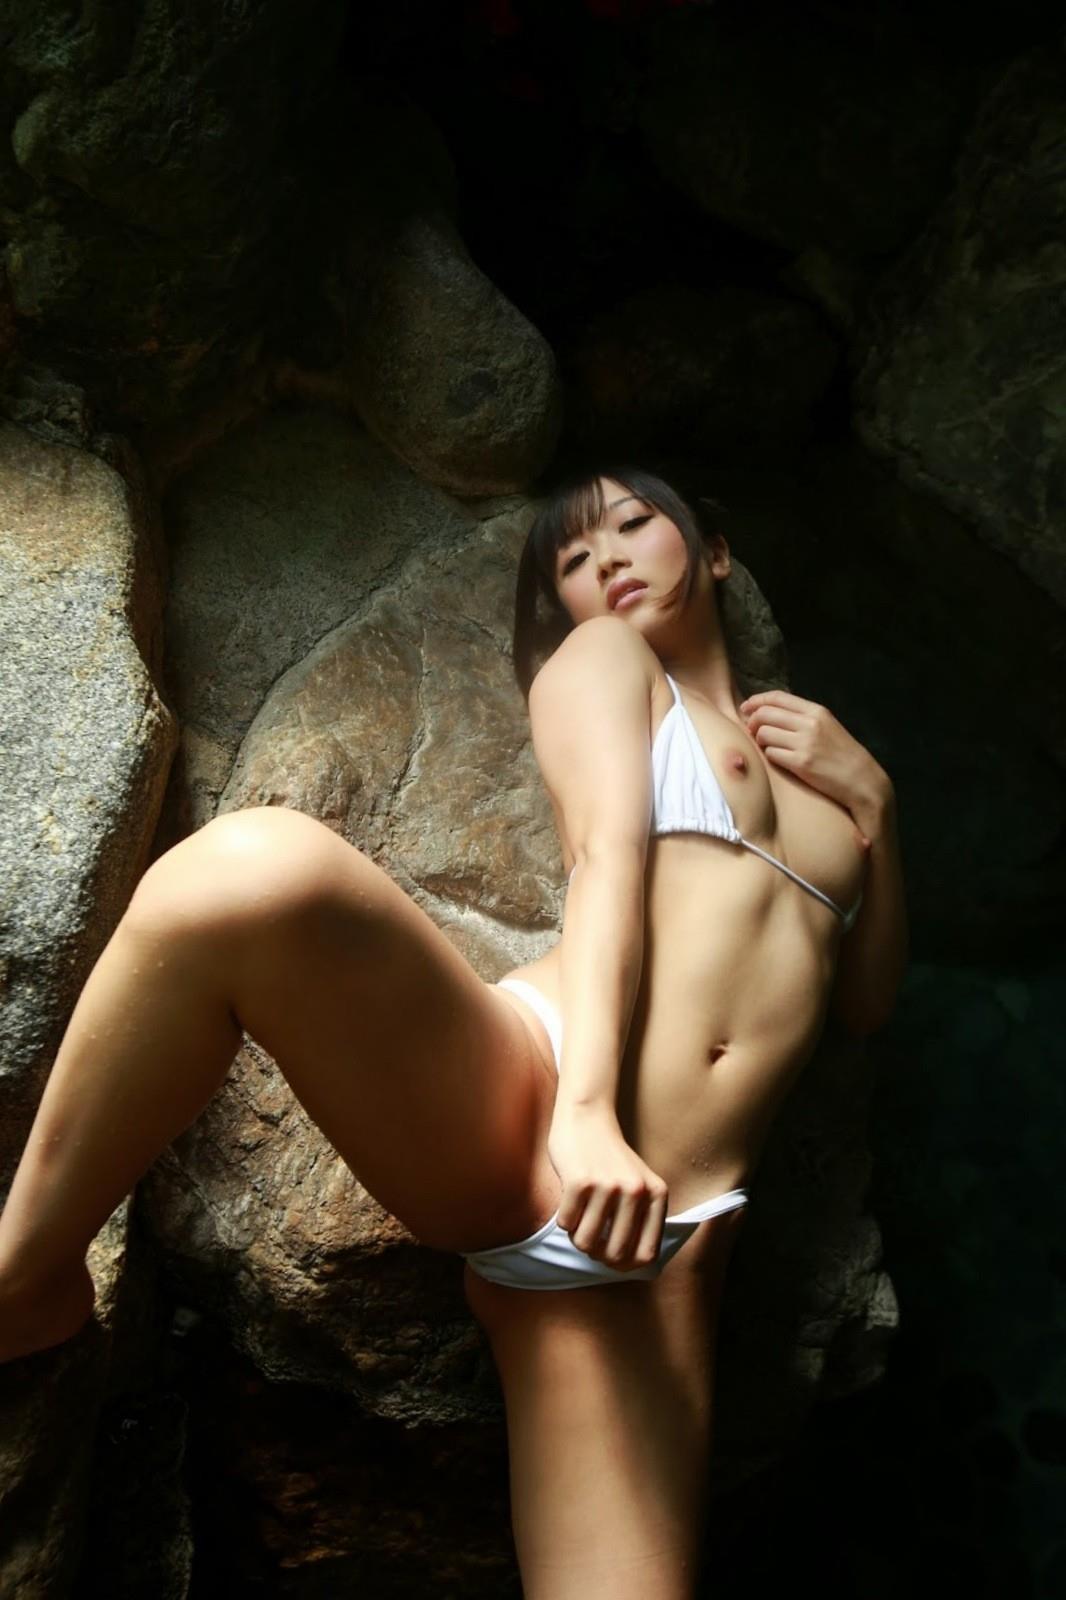 大槻ひびき ヌード画像 18